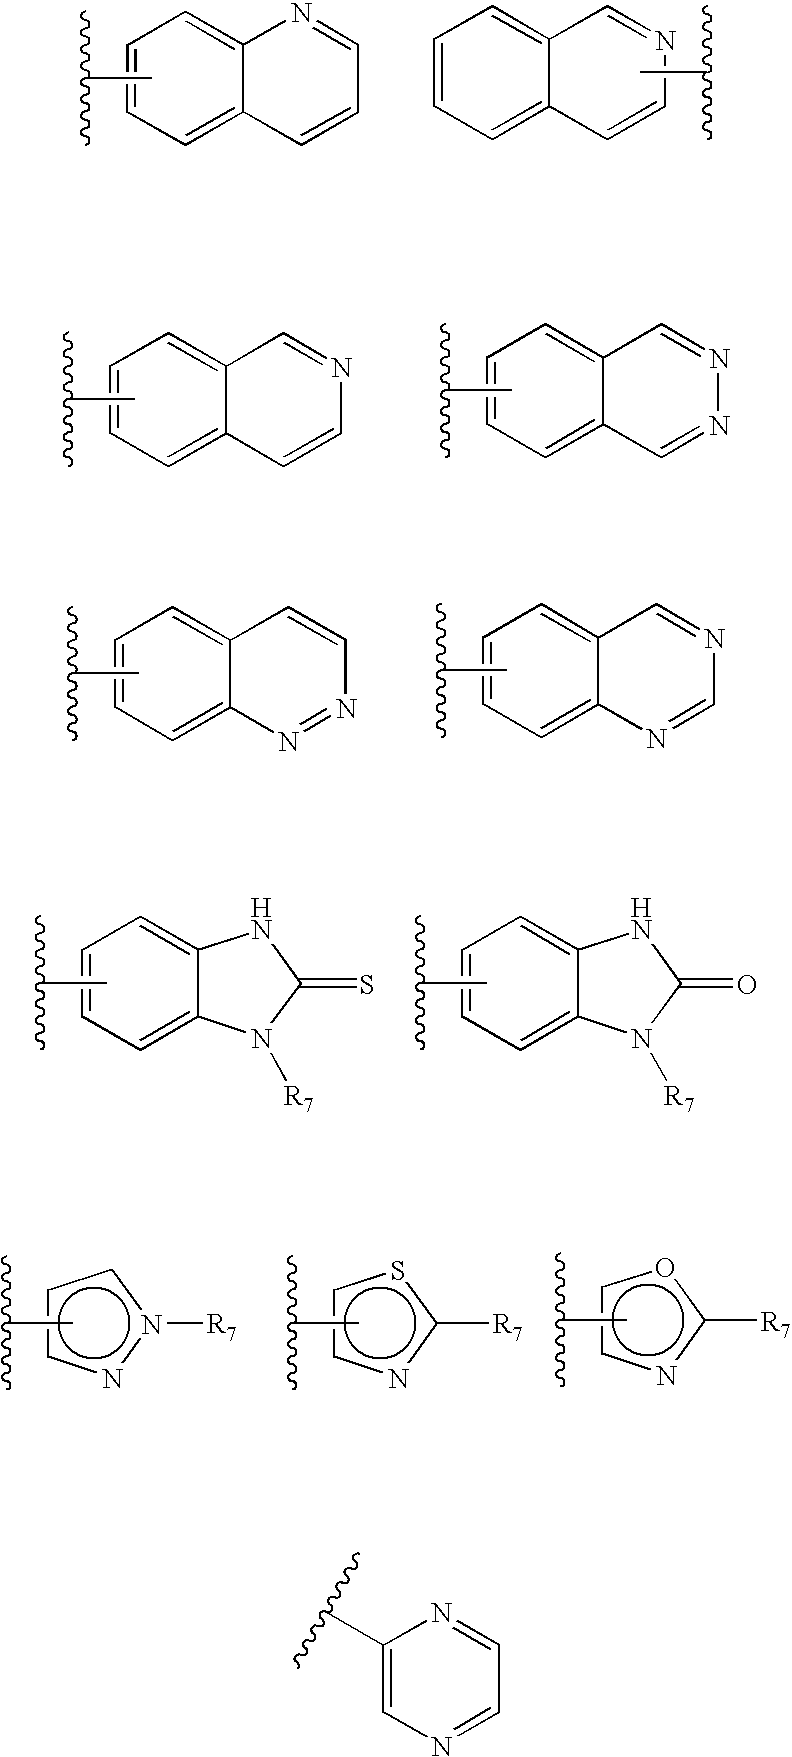 Figure US20060189617A1-20060824-C00035